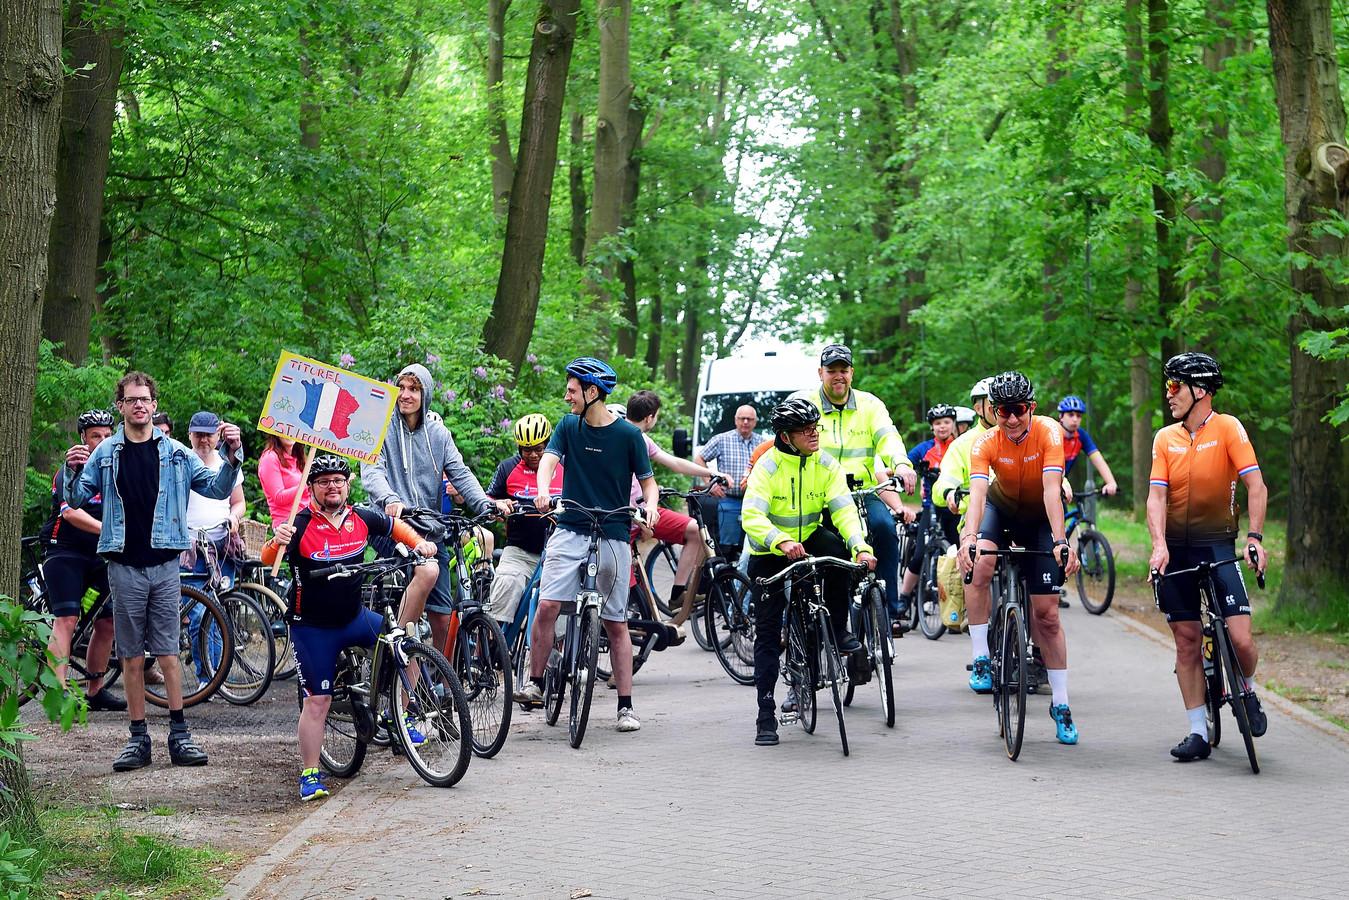 Zo'n dertig cliënten van Titurel reden bij Ossendrecht een sponsortocht met Jan Prop en Huub Kools (rechts in het oranje) die in drie dagen 900 kilometer gaan fietsen voor de Putse zorginstelling.